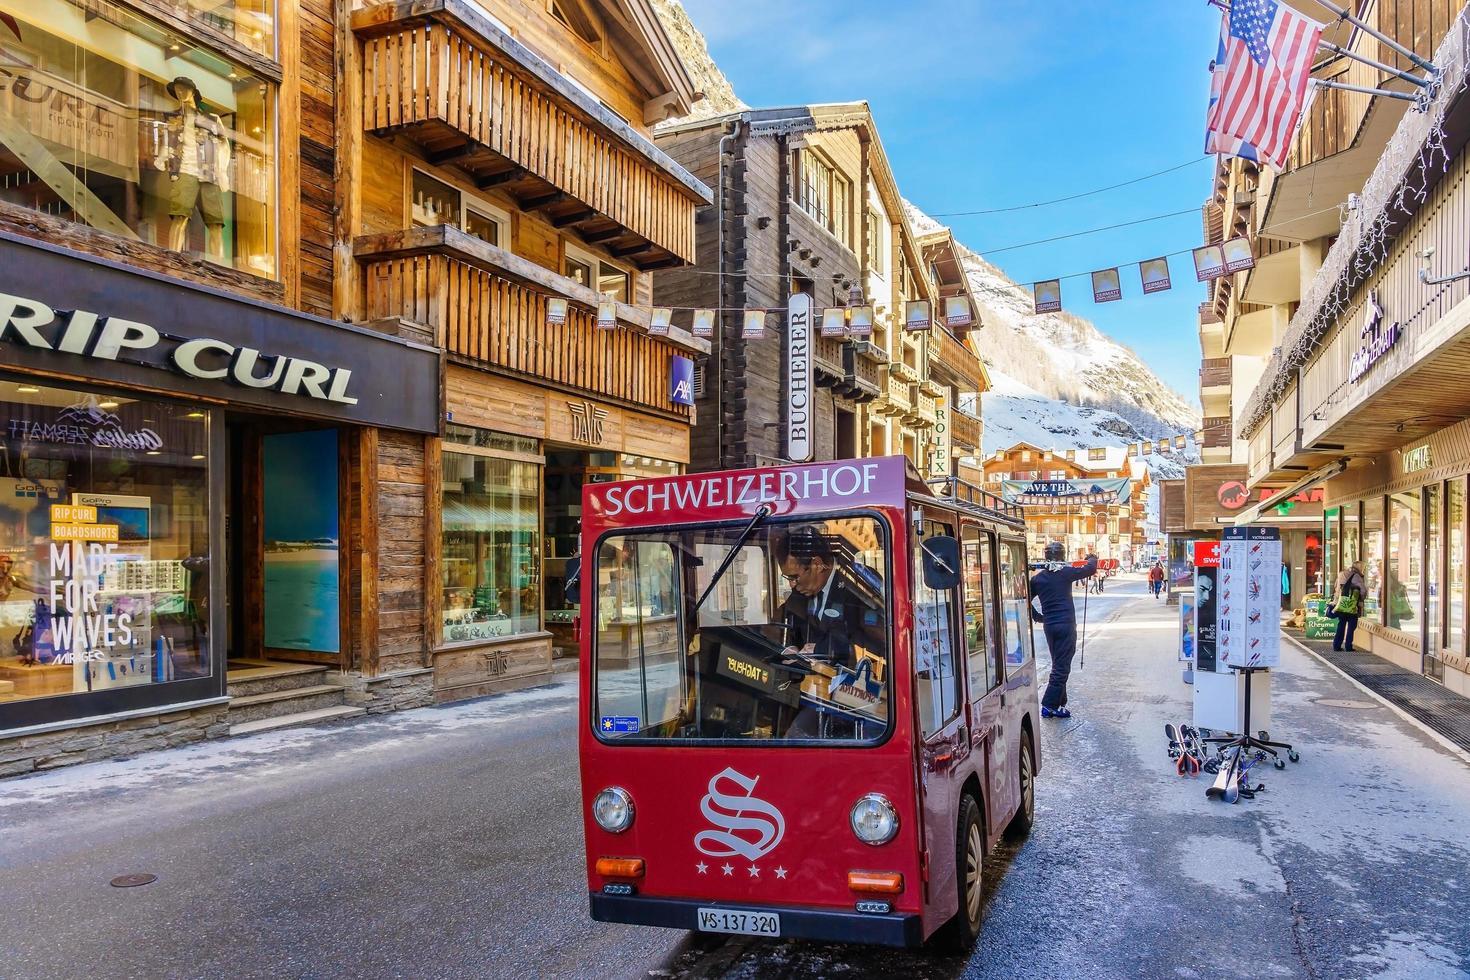 un uomo guida un'auto elettrica per le consegne a zermatt, in svizzera foto